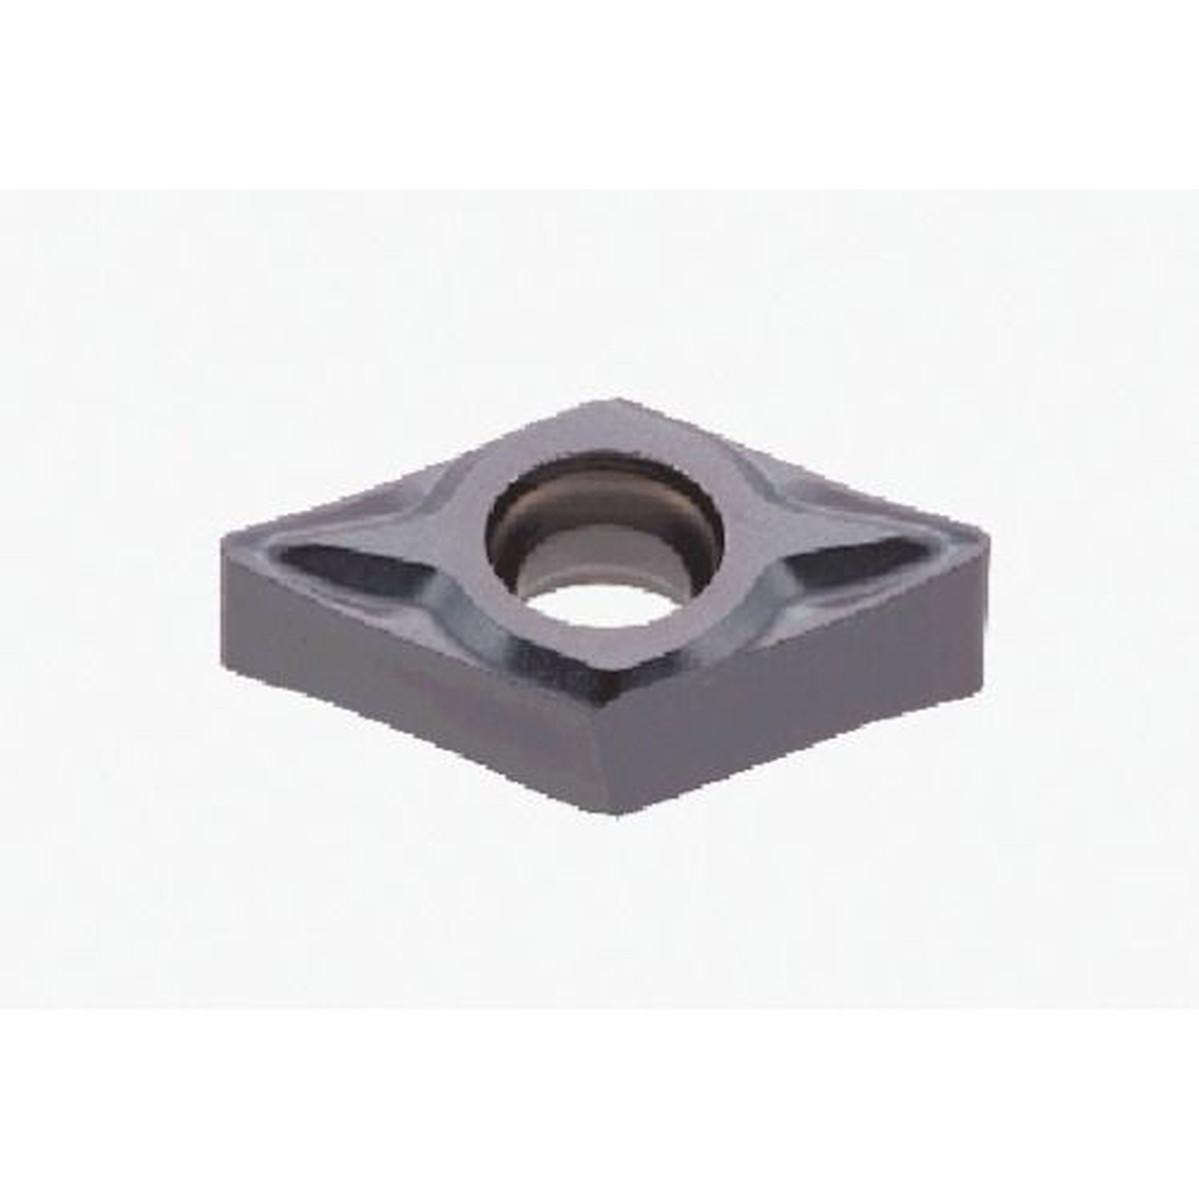 あす楽対応 高い素材 DIY用品 タンガロイ 正規認証品 新規格 旋削用G級ポジ NS9530 10個